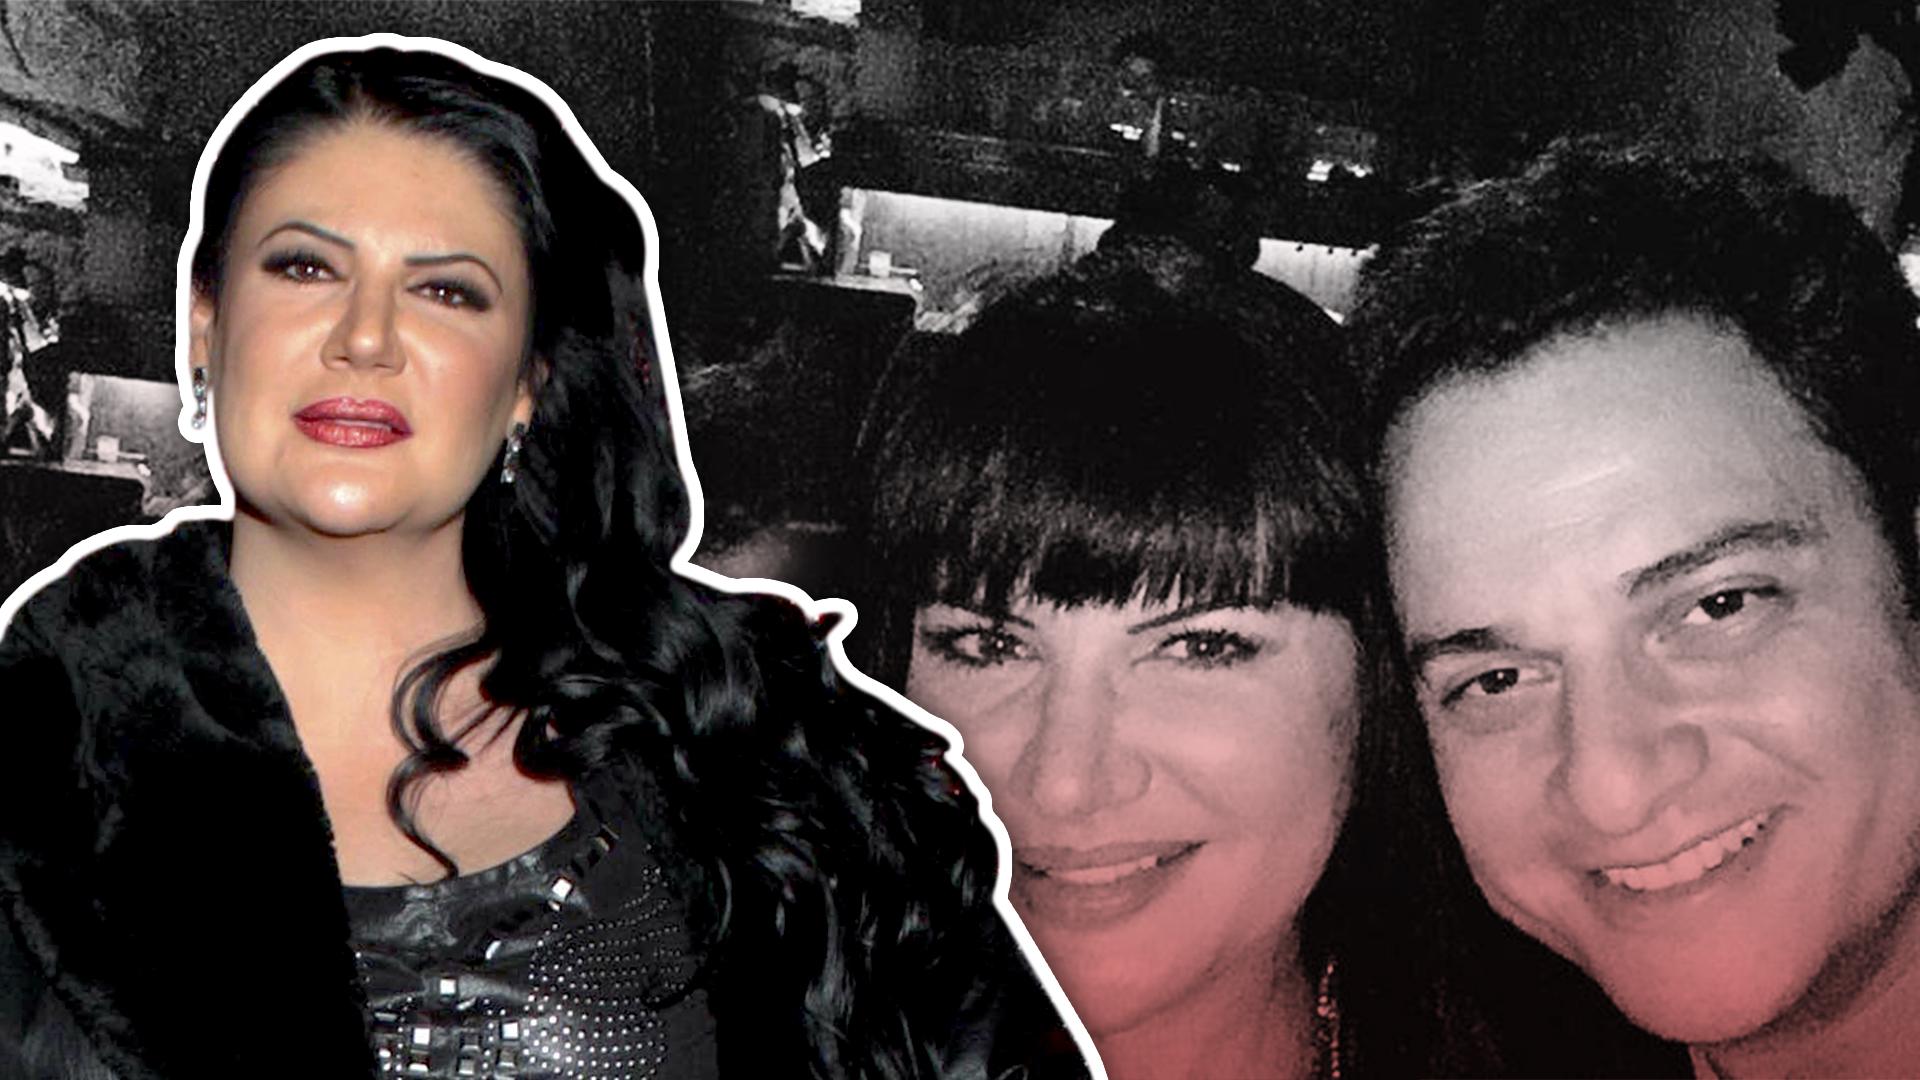 El ex de Alejandra Ávalos quiere vender material íntimo de la actriz y ella le envía amenaza